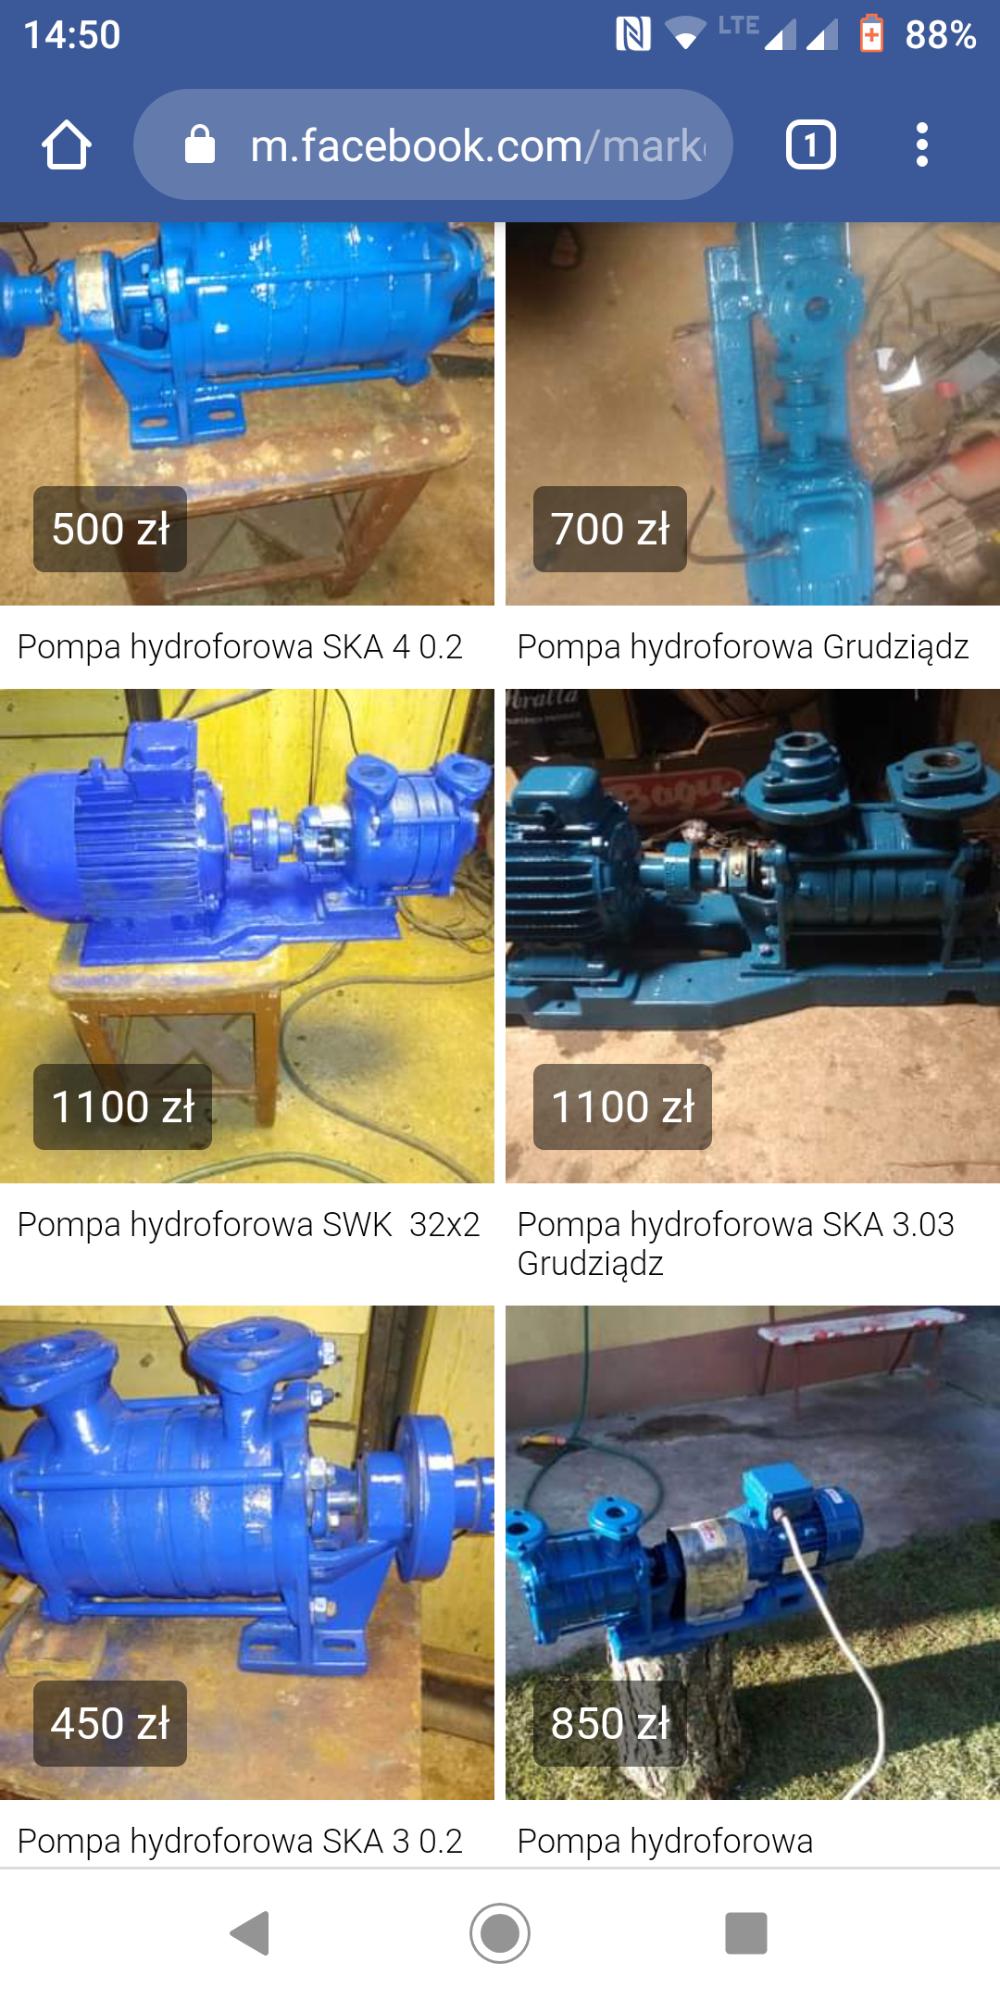 Pompa hydroforowa Brzozów - zdjęcie 1